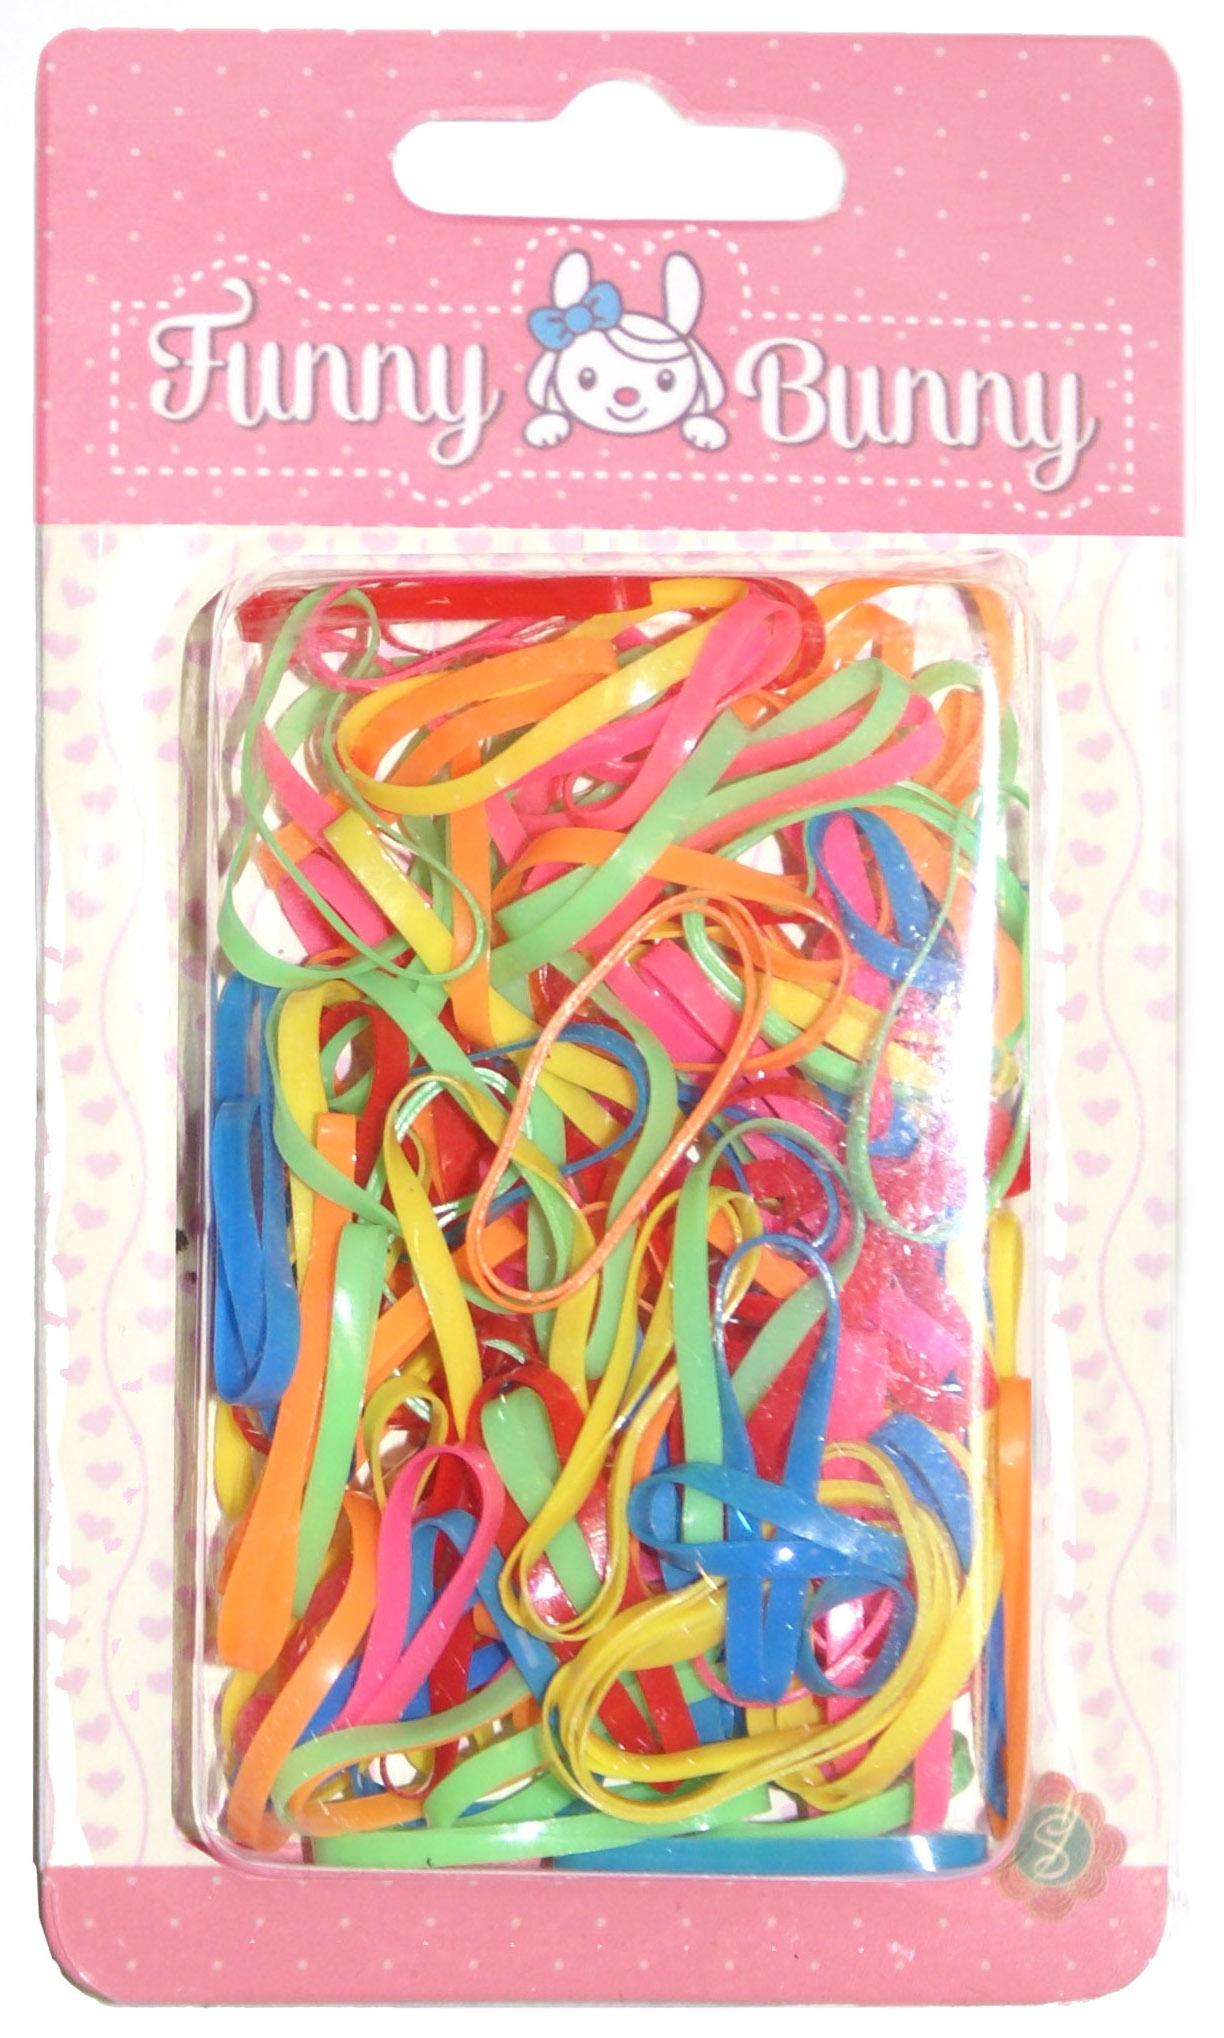 Резинка для волос Funny Bunny силикон 80 шт. невидимка для волос funny bunny розовые цветы 2 шт